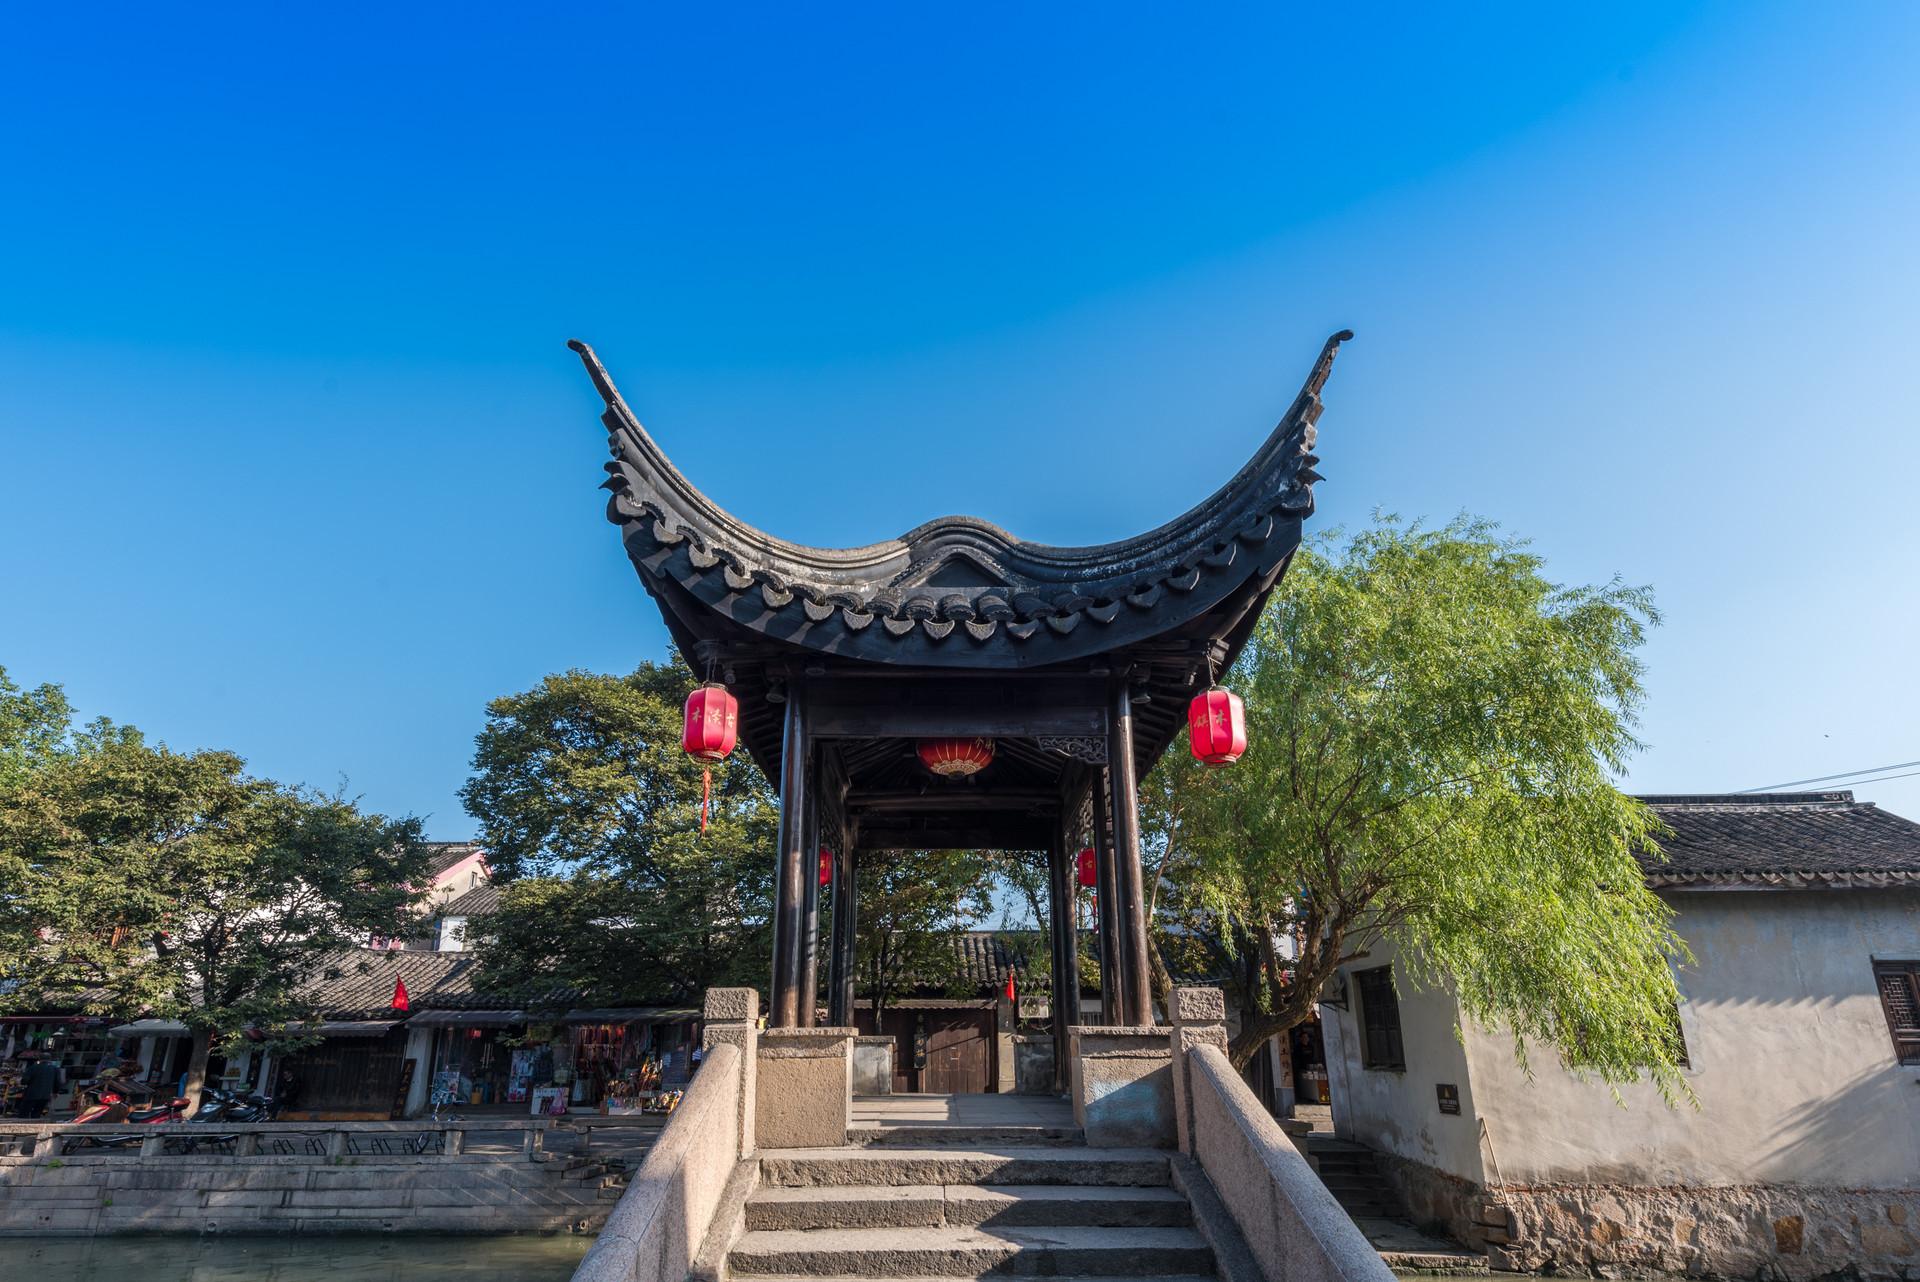 江苏这座古镇很低�@股�σ獾鳎�比周庄历史更久还免费开放游客不多